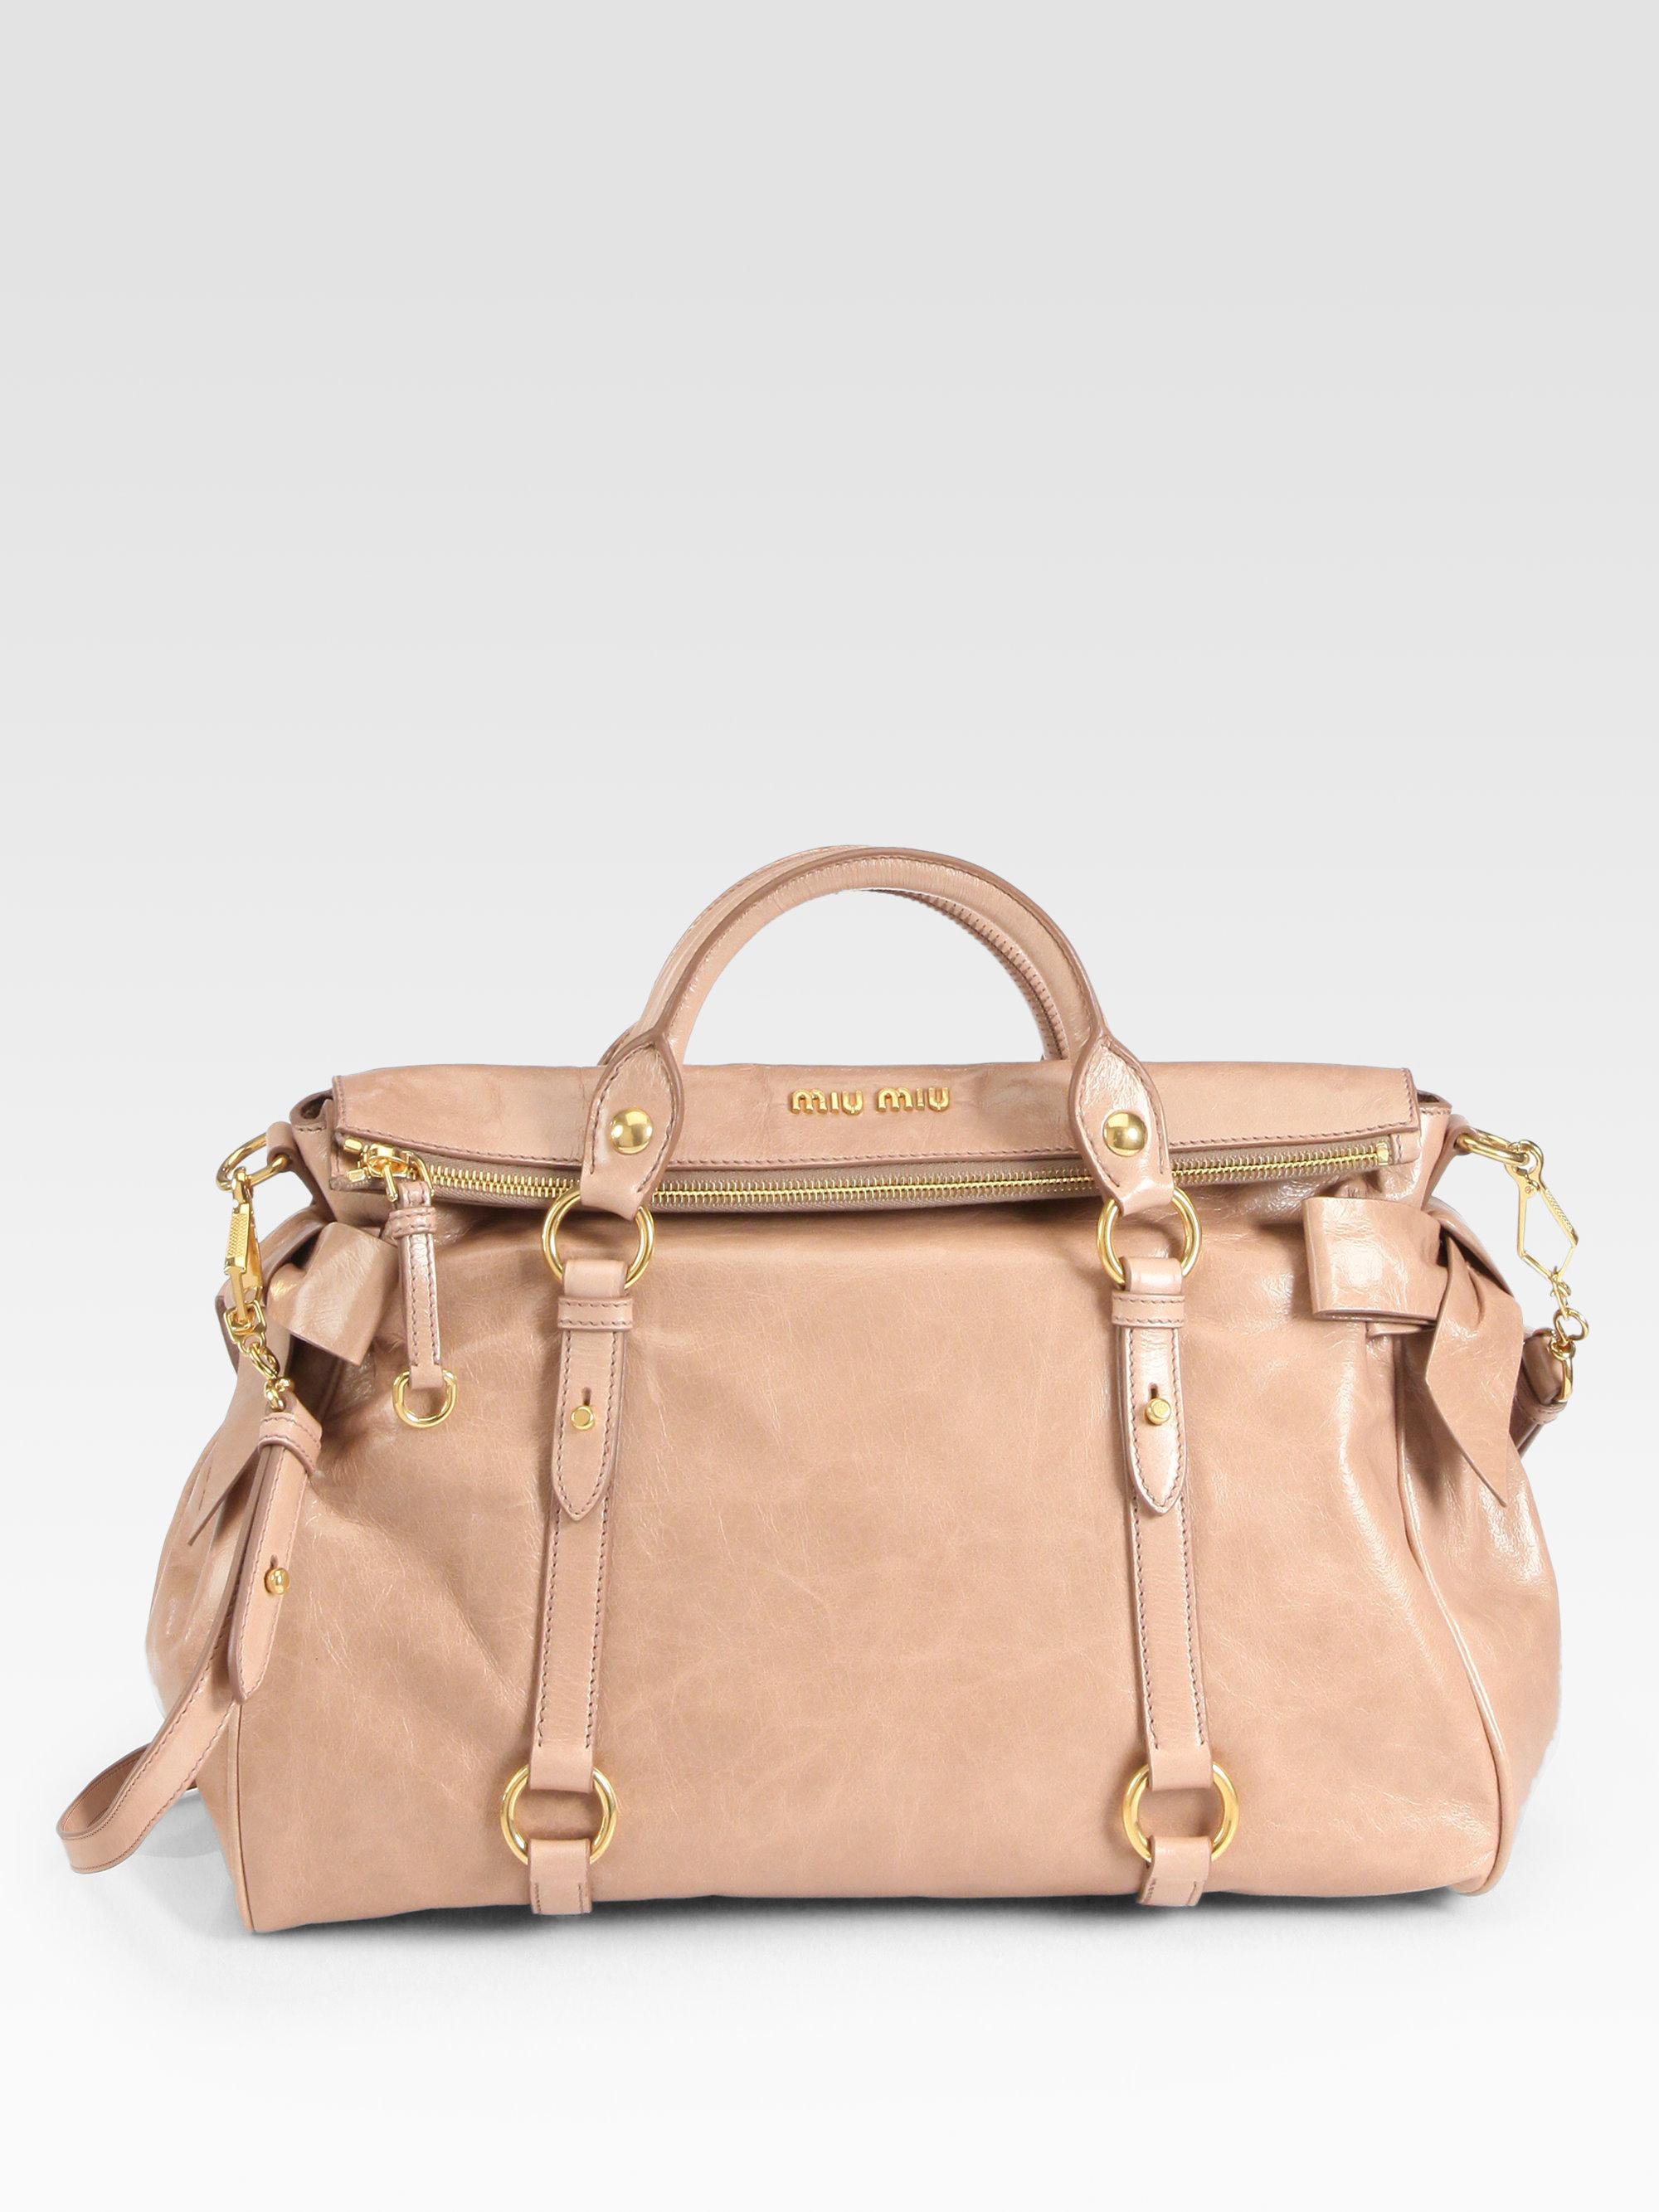 Miu Miu Large Bow Bag Measurement